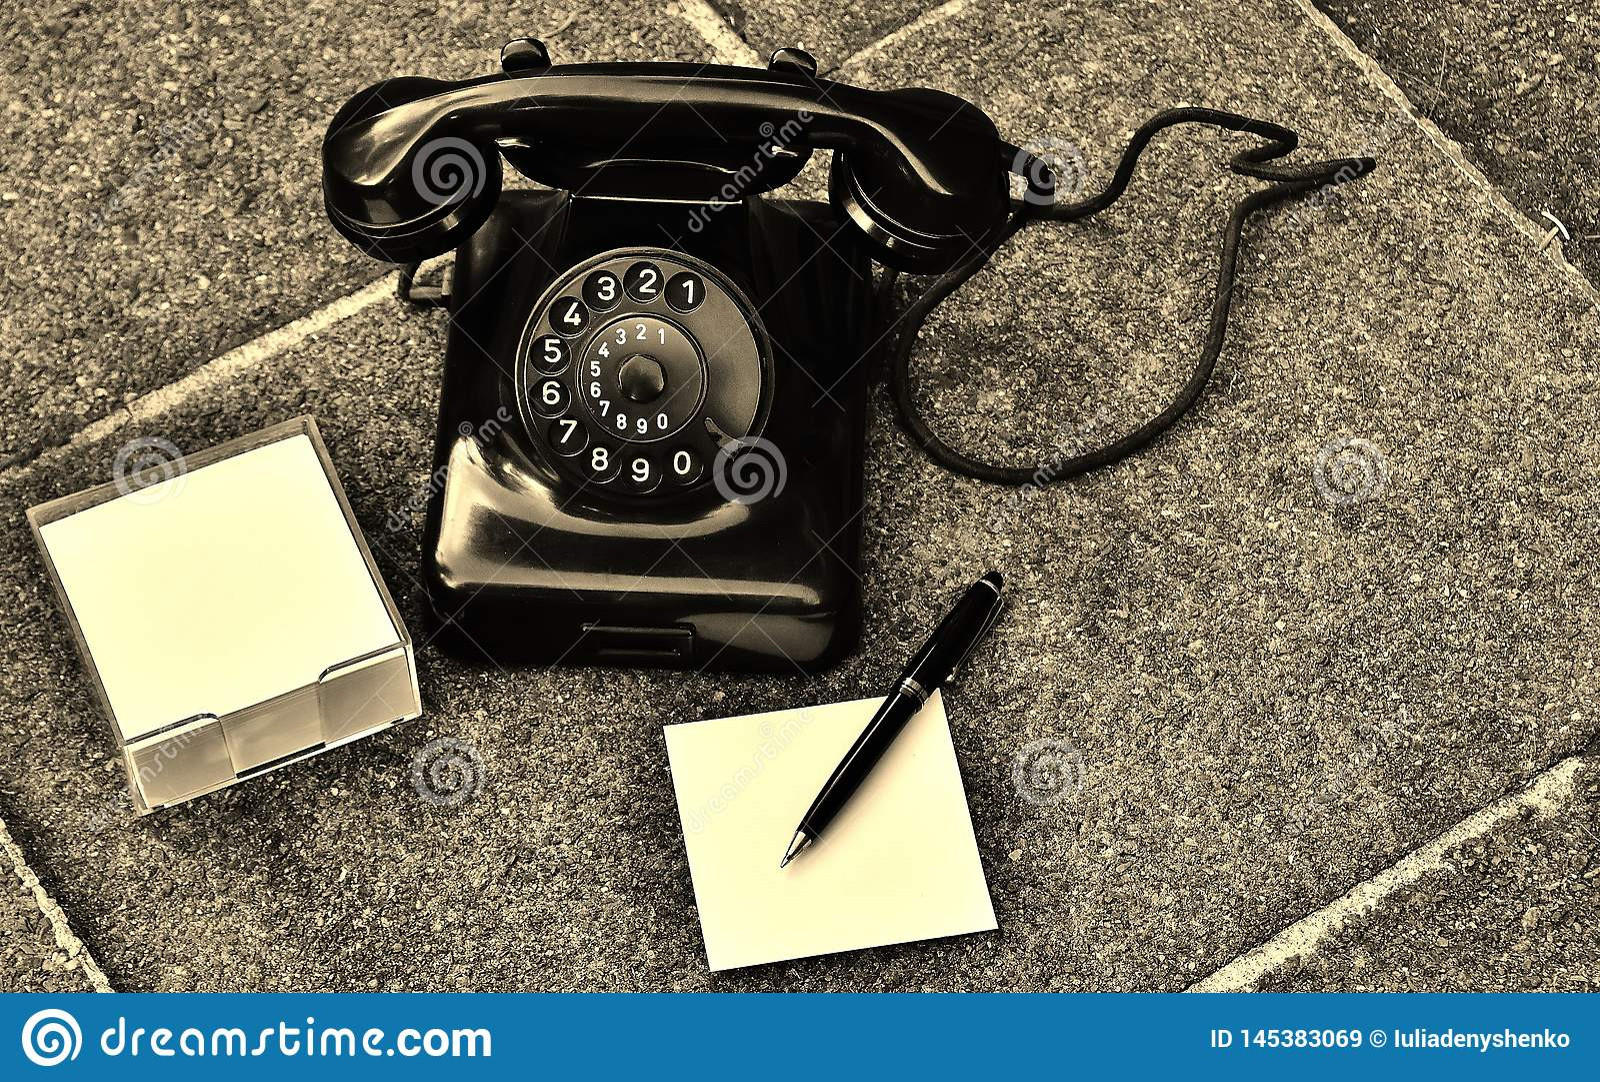 减速火箭的电话返回我们那时间的精神